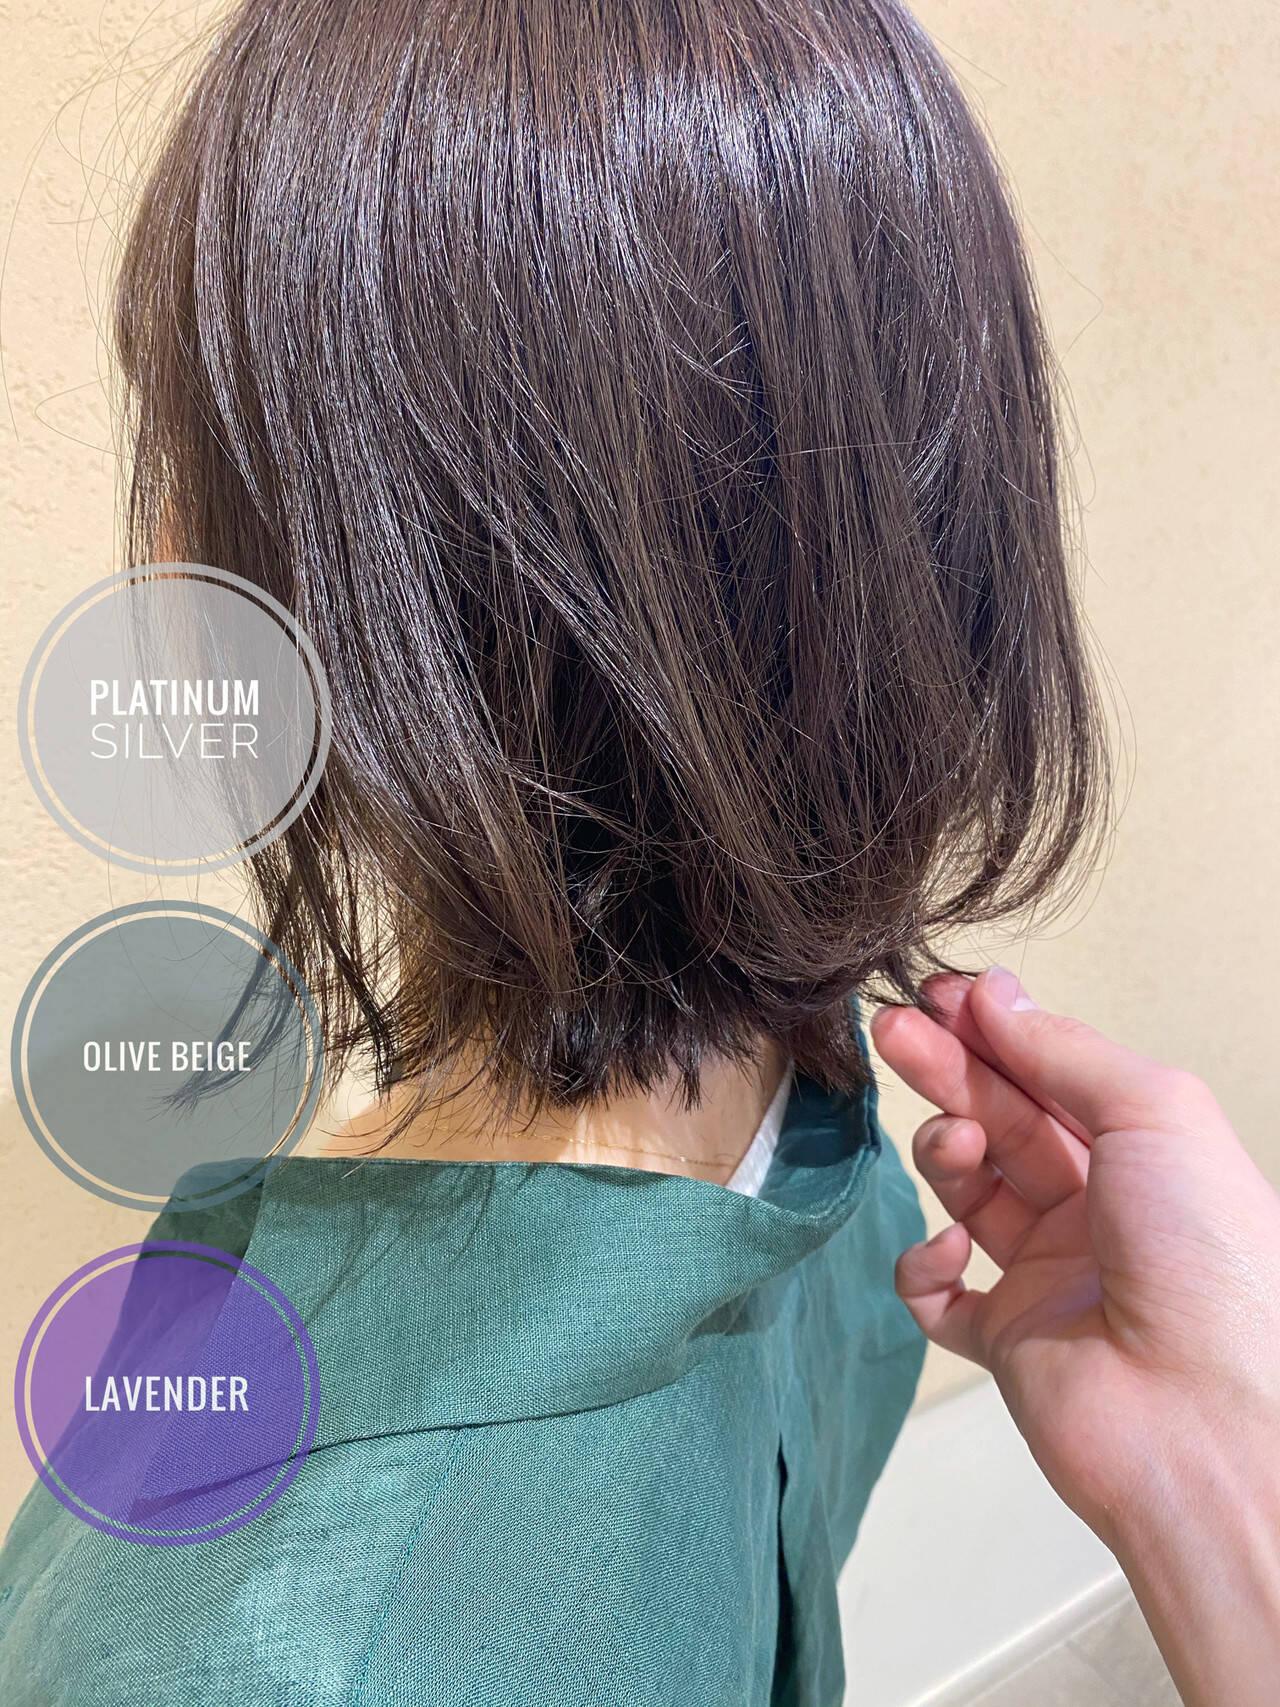 ボブ ナチュラル グレージュ ラベージュヘアスタイルや髪型の写真・画像